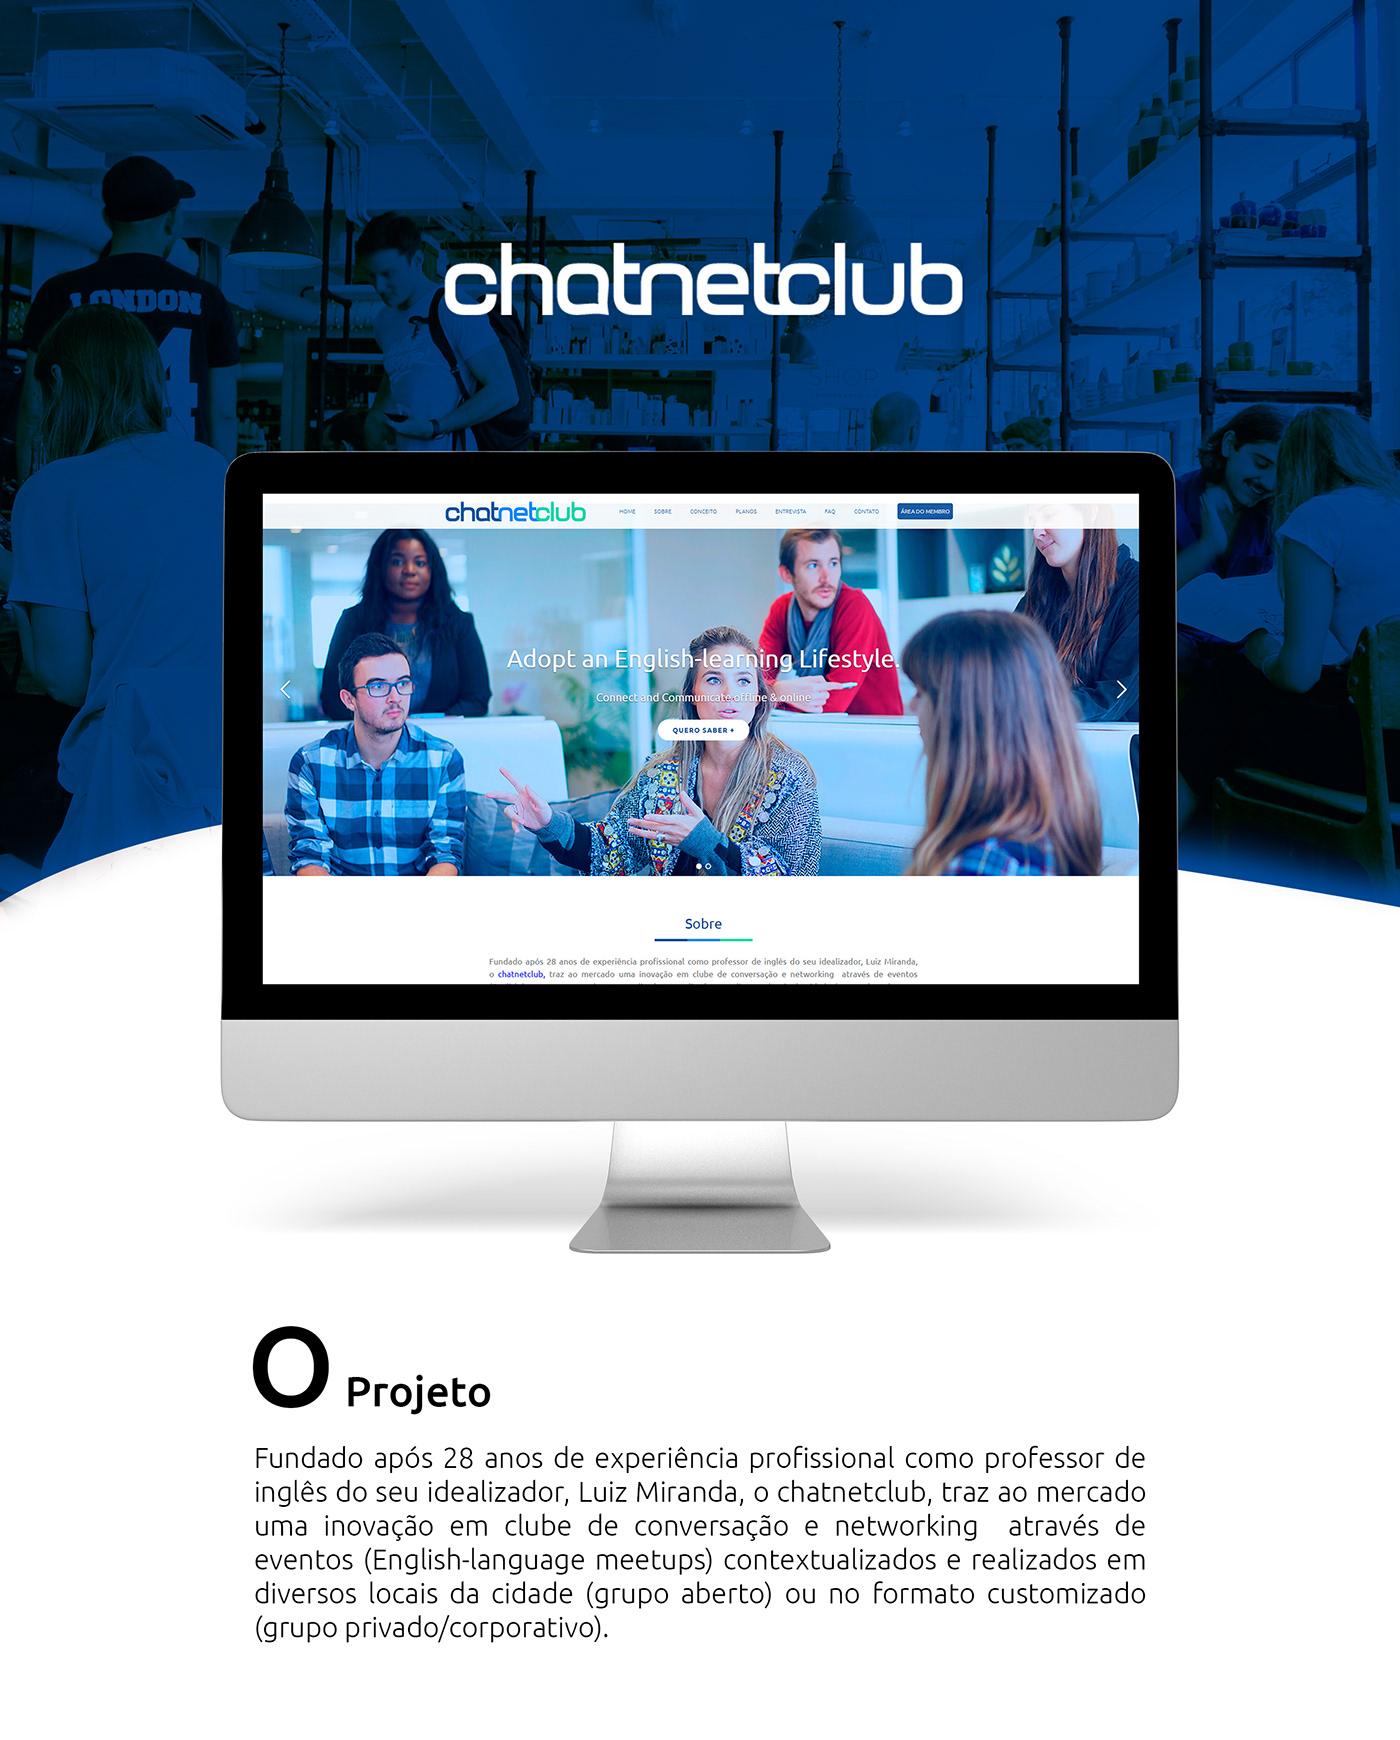 chatnetclub speakenglish carlosedu